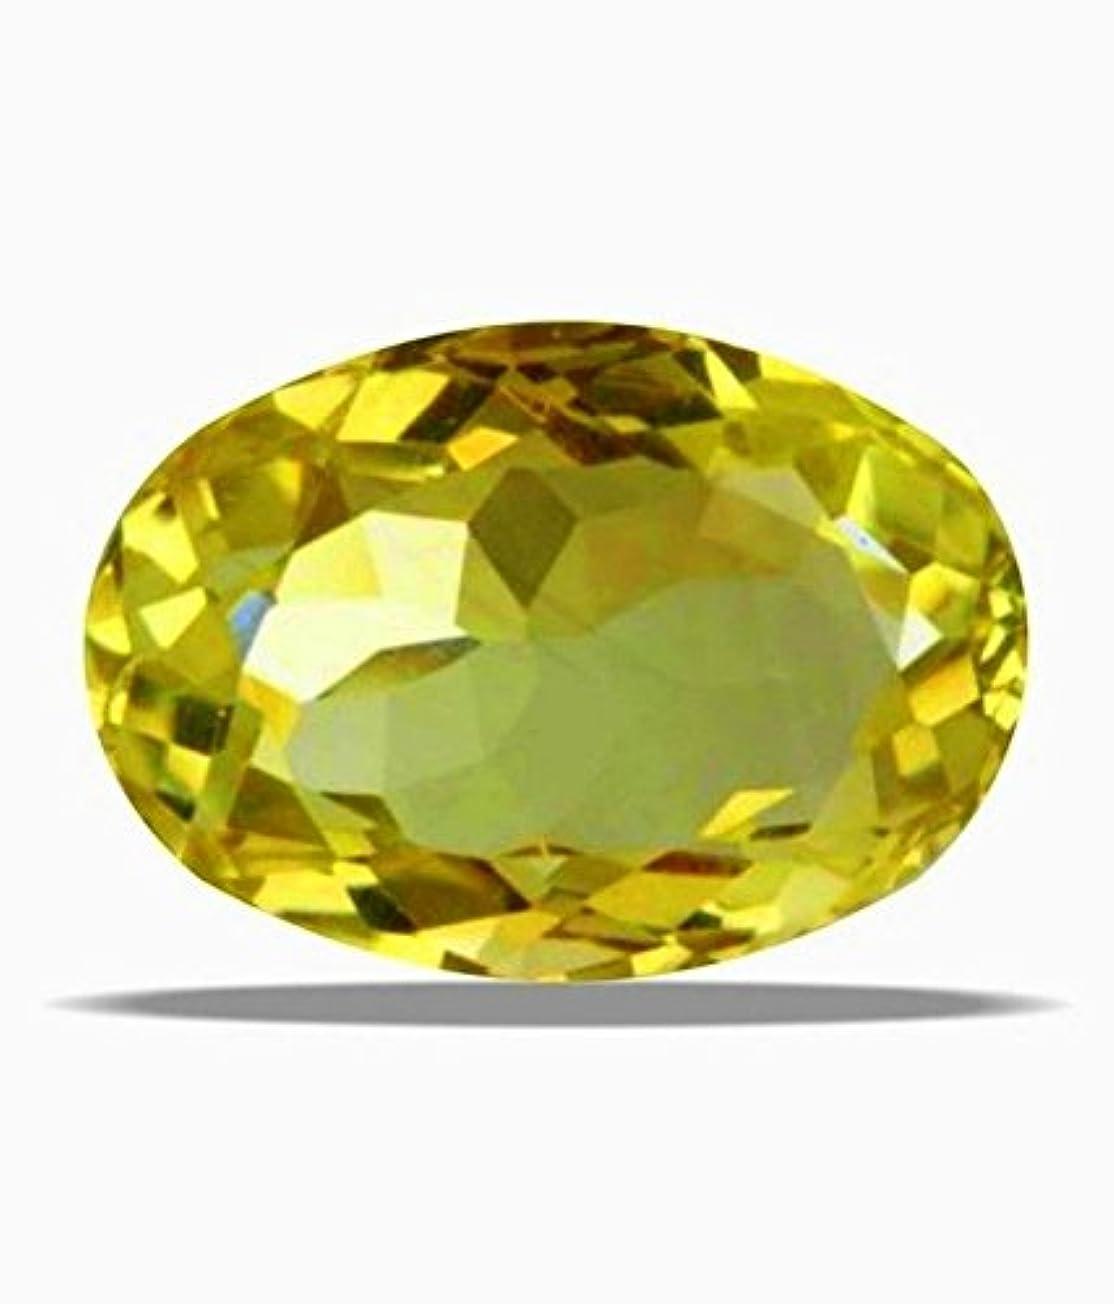 シネマプレゼンテーション女性天然認定シトリンLoose宝石9.2カラットby gemselect